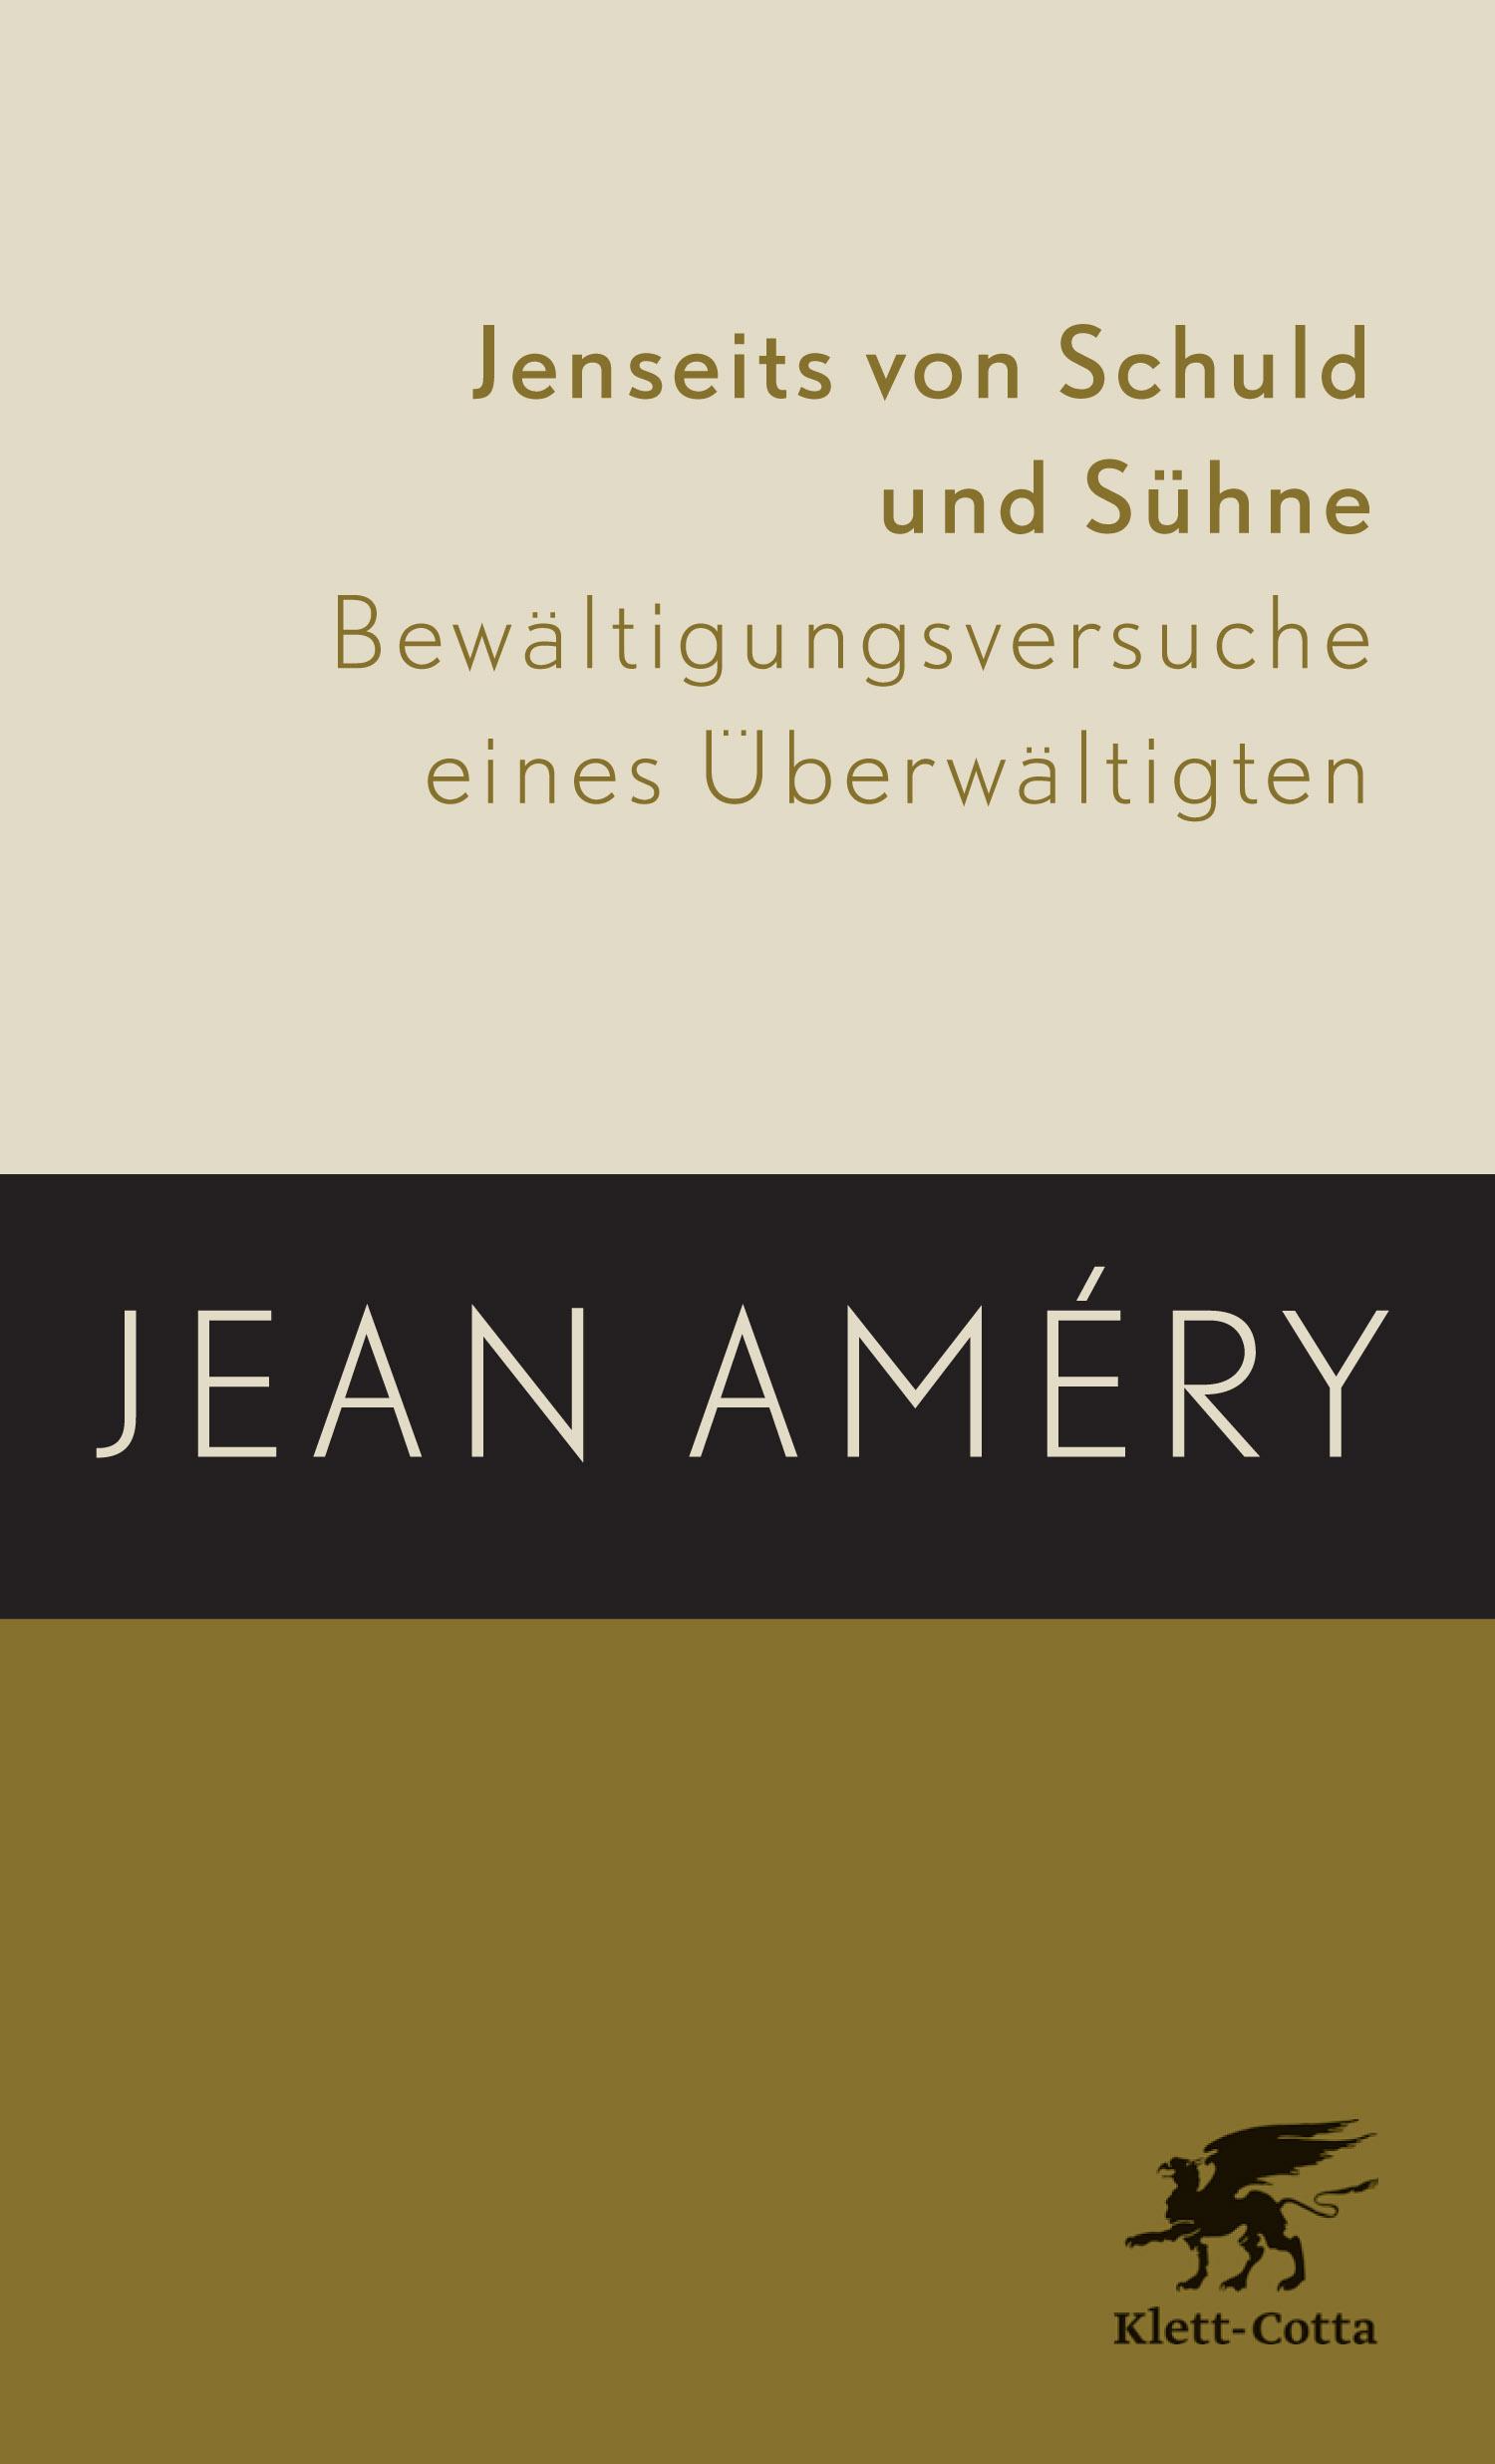 Jenseits von Schuld und Sühne: Bewältigungsversuche eines Überwältigten - Améry, Jean